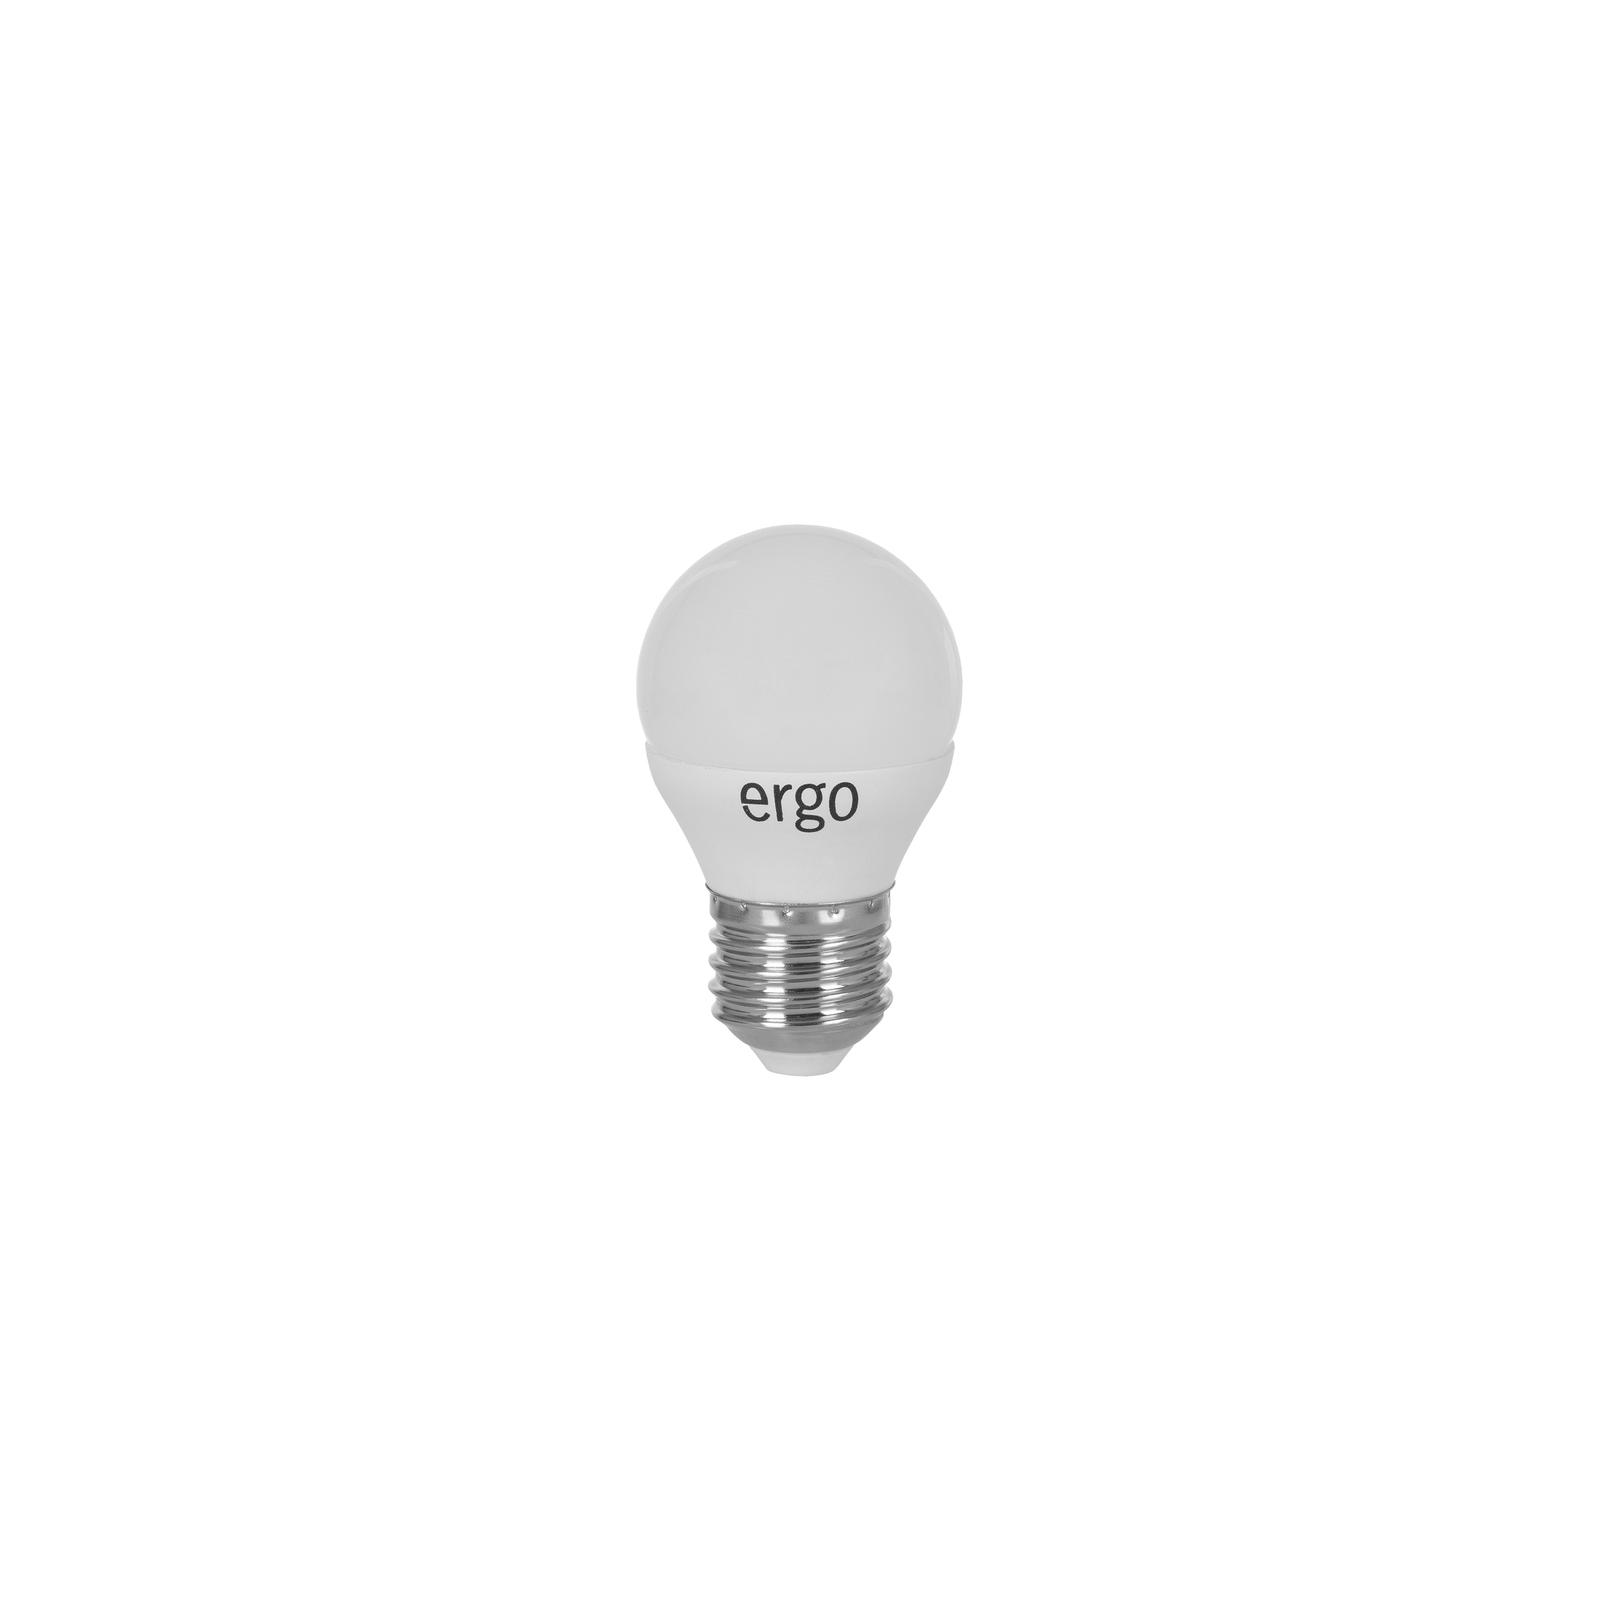 Лампочка Ergo Е27 5W (LSTG45Е275ANFN)